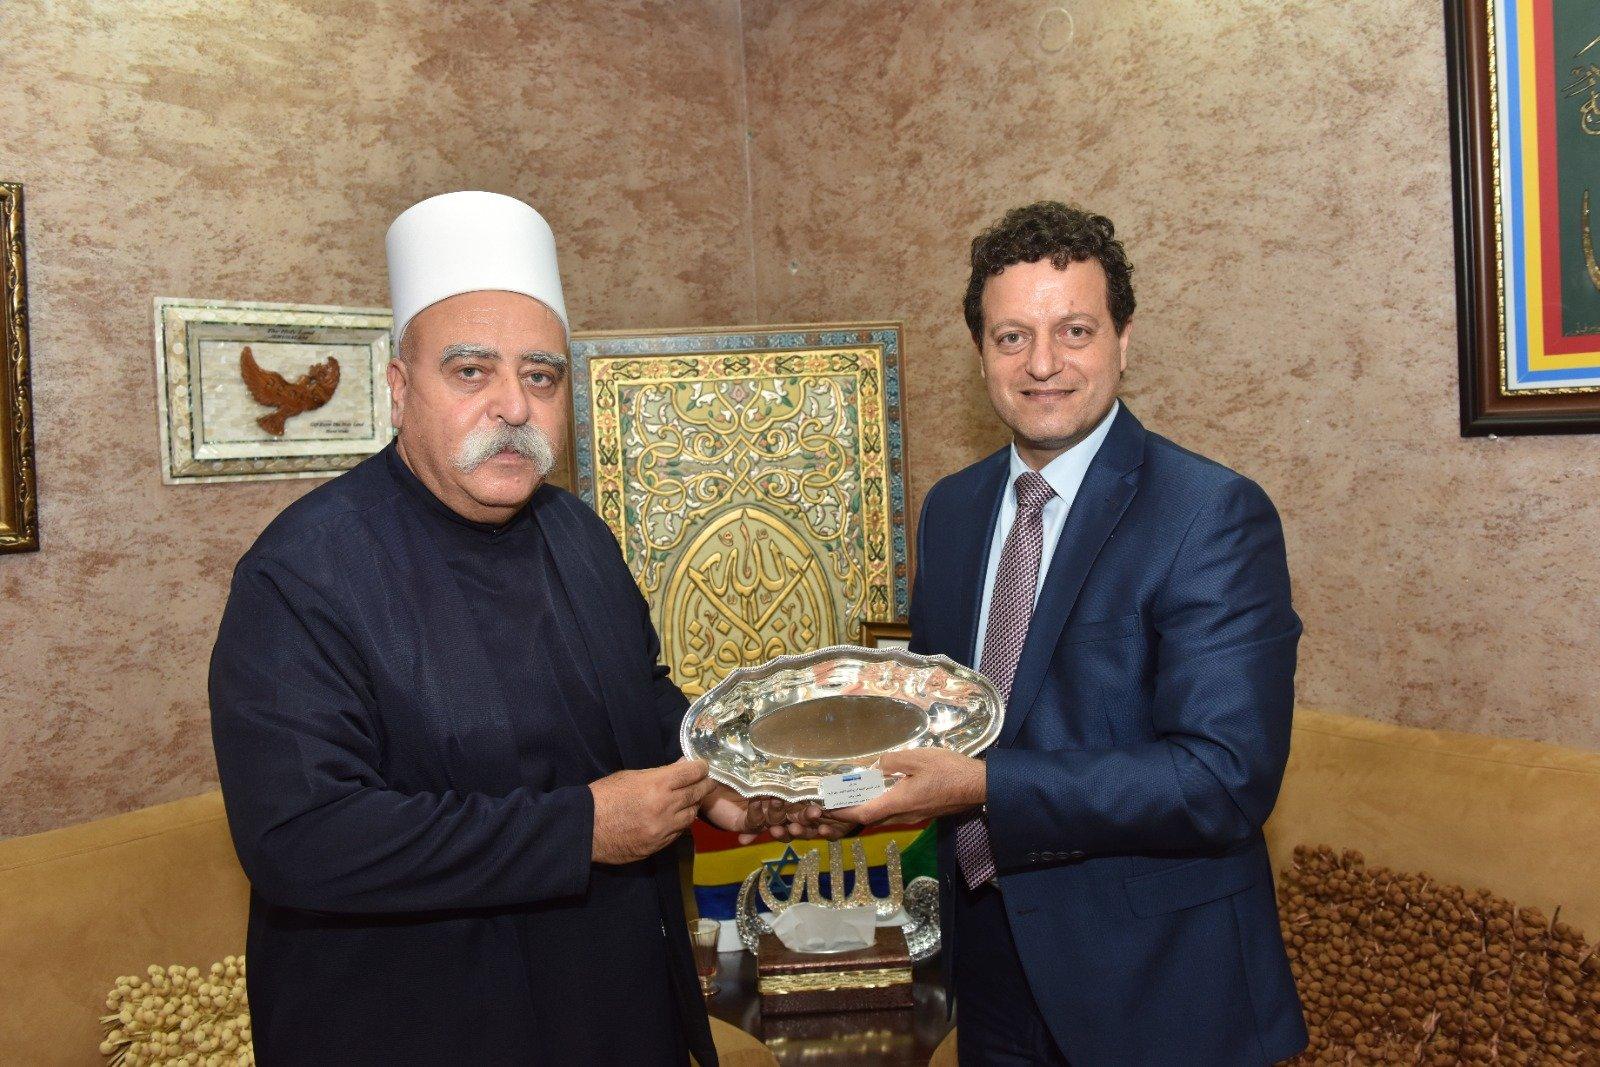 عشية العيد: رئيس مجلس إدارة لئومي د. سامر حاج يحيى يزور الشيخ موفق طريف-0